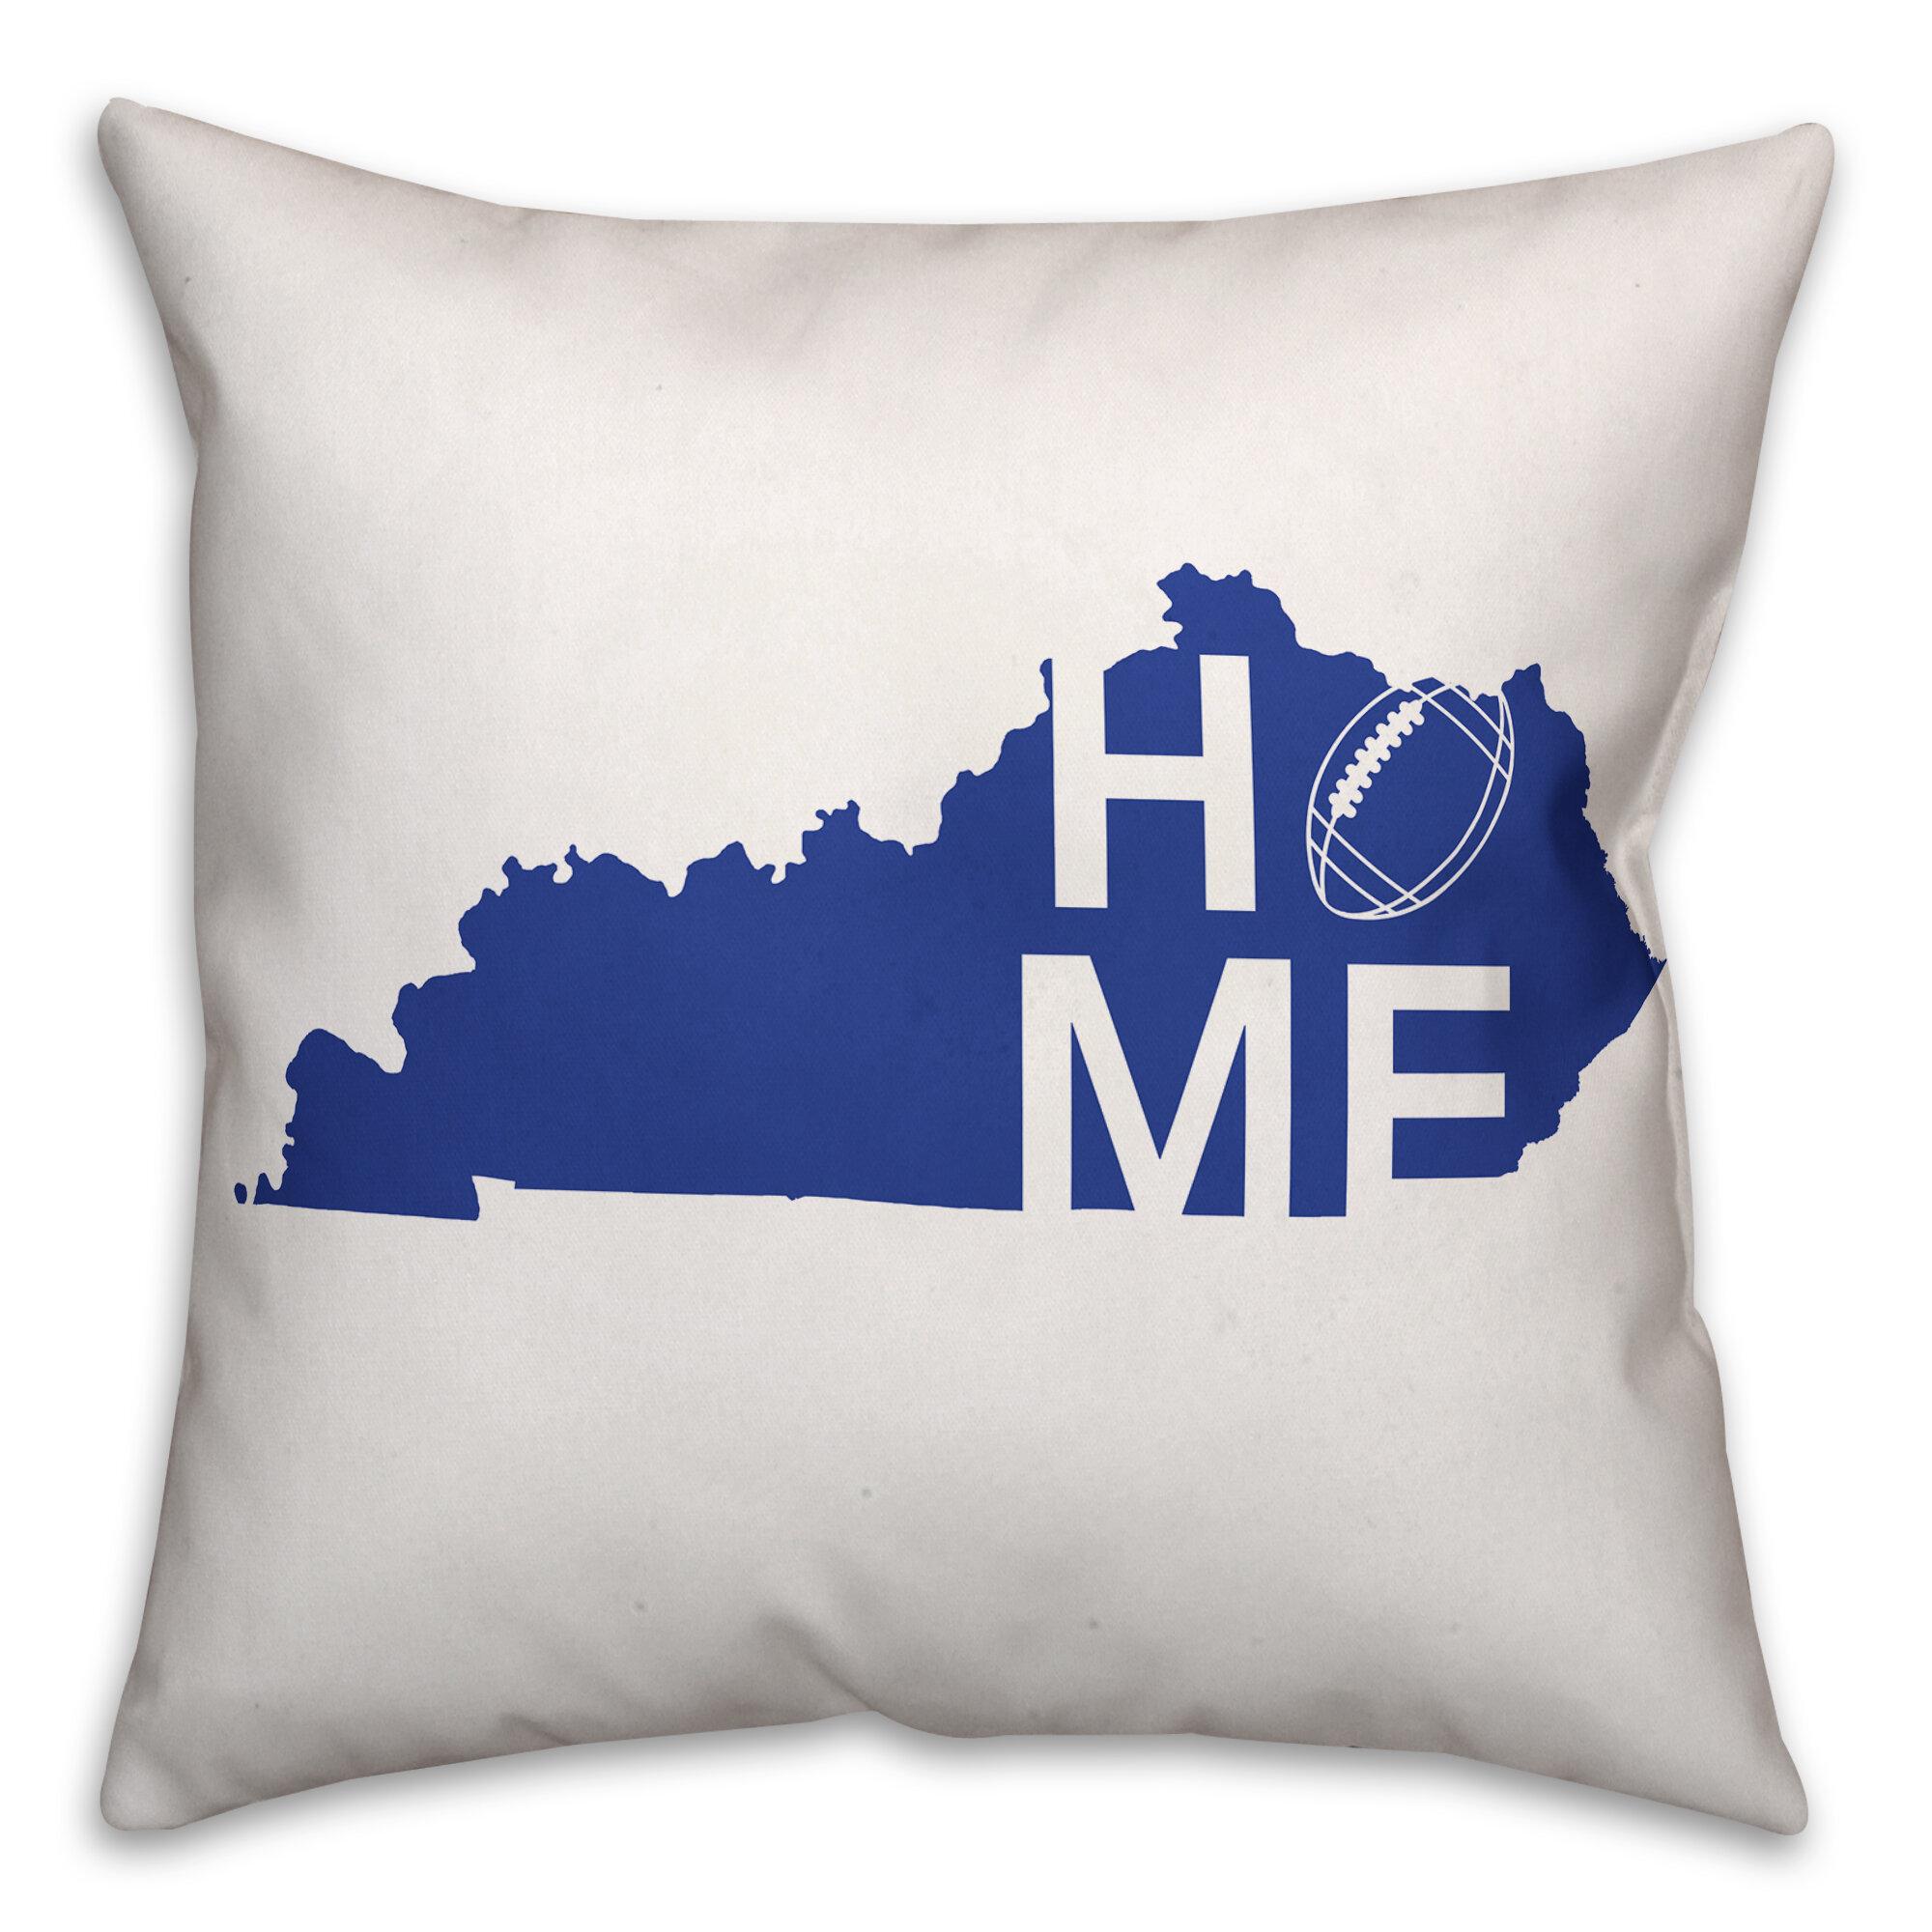 Ebern Designs Cordova Kentucky Home Football Indoor Outdoor Throw Pillow Wayfair